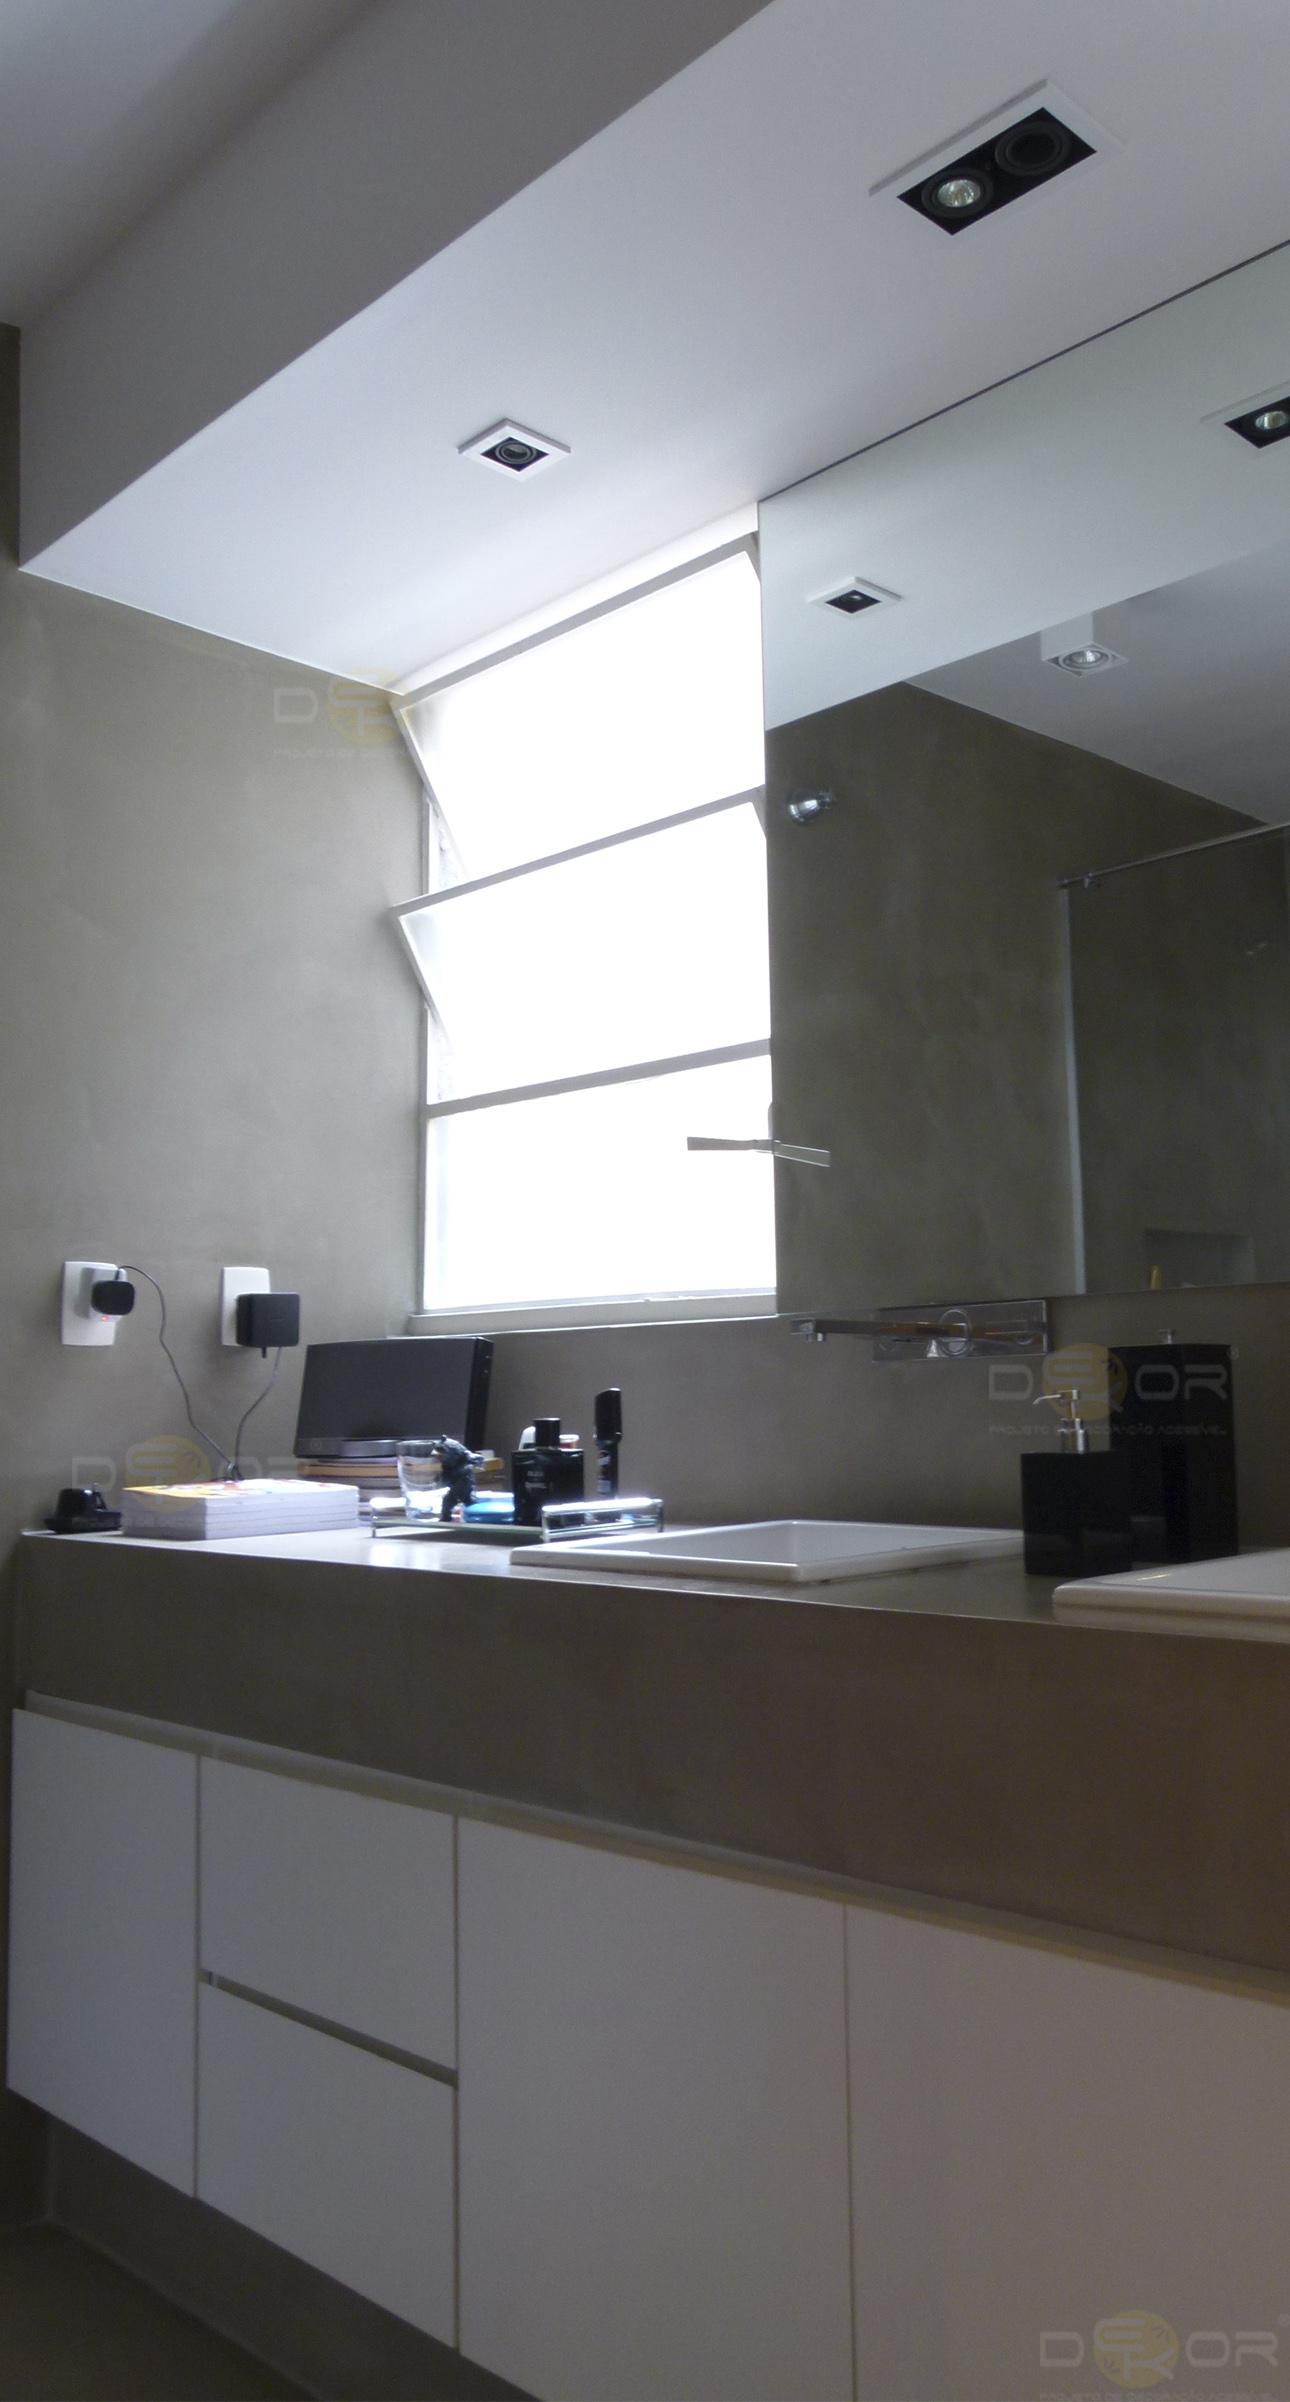 Projeto de Banheiro – Decoração Online #29  ErikaKarpuk  EstúdioDekor  Des -> Decoracao De Banheiro Sustentavel